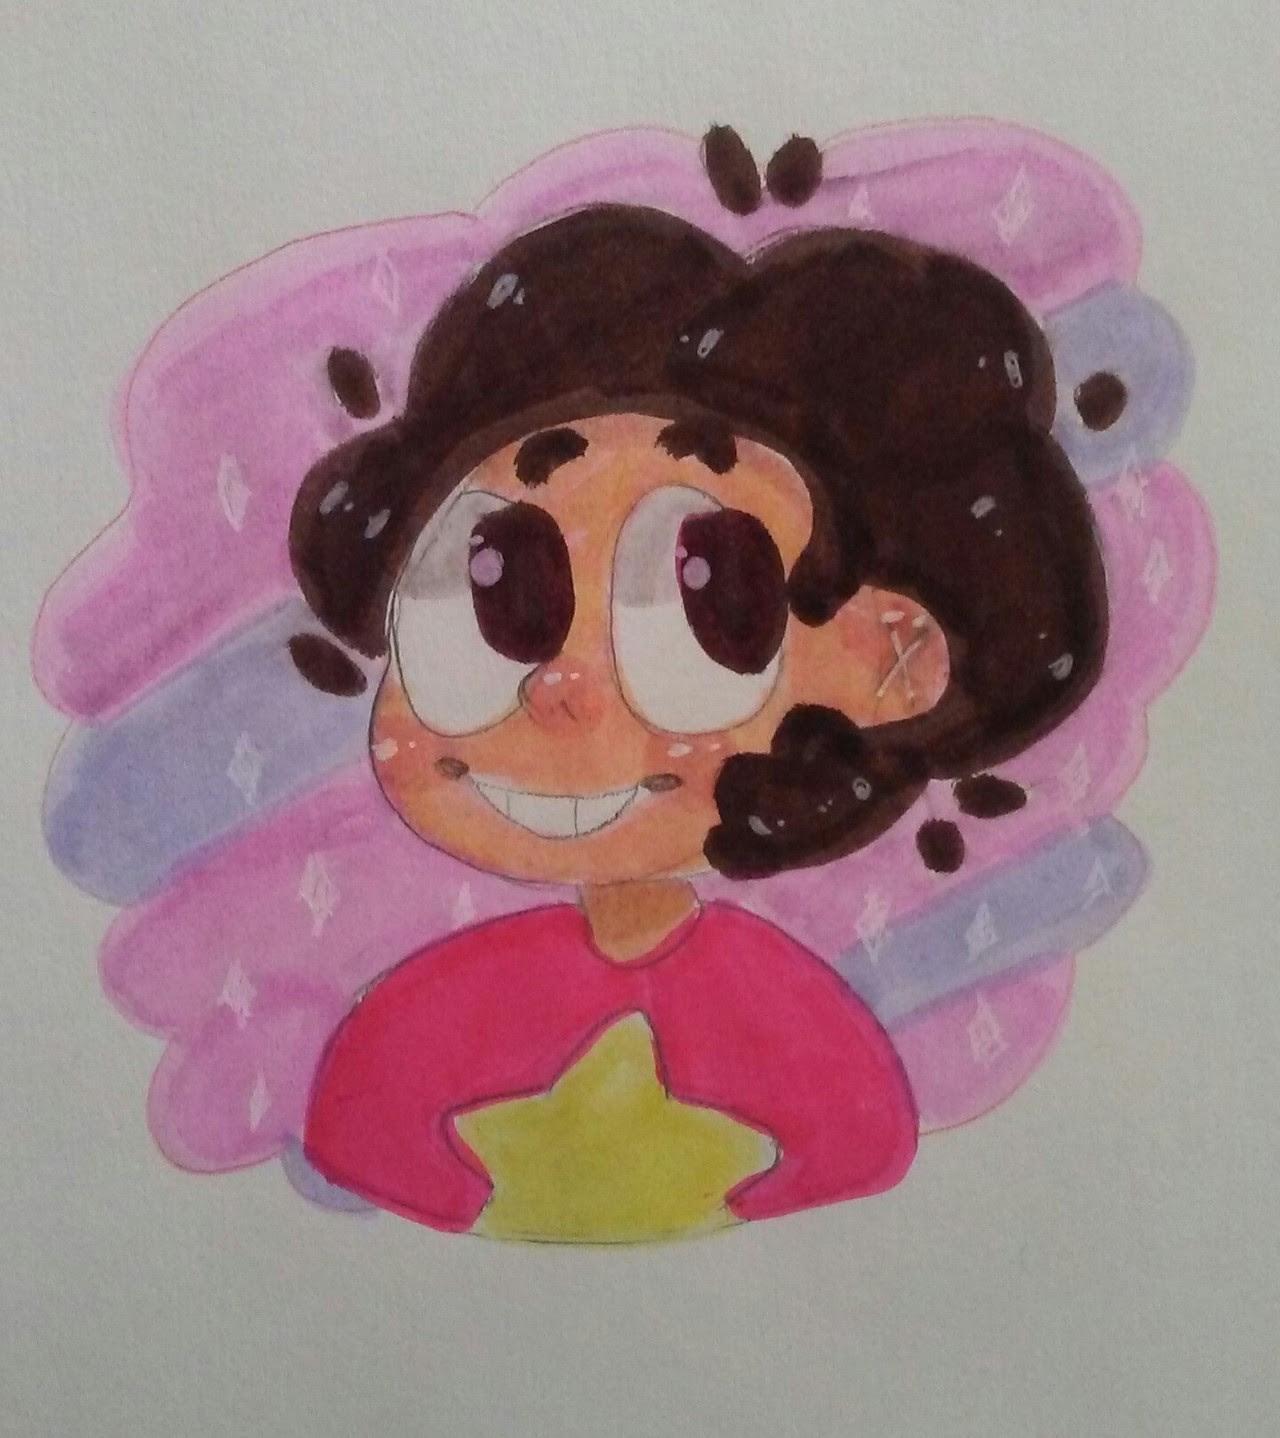 Steven doodle!